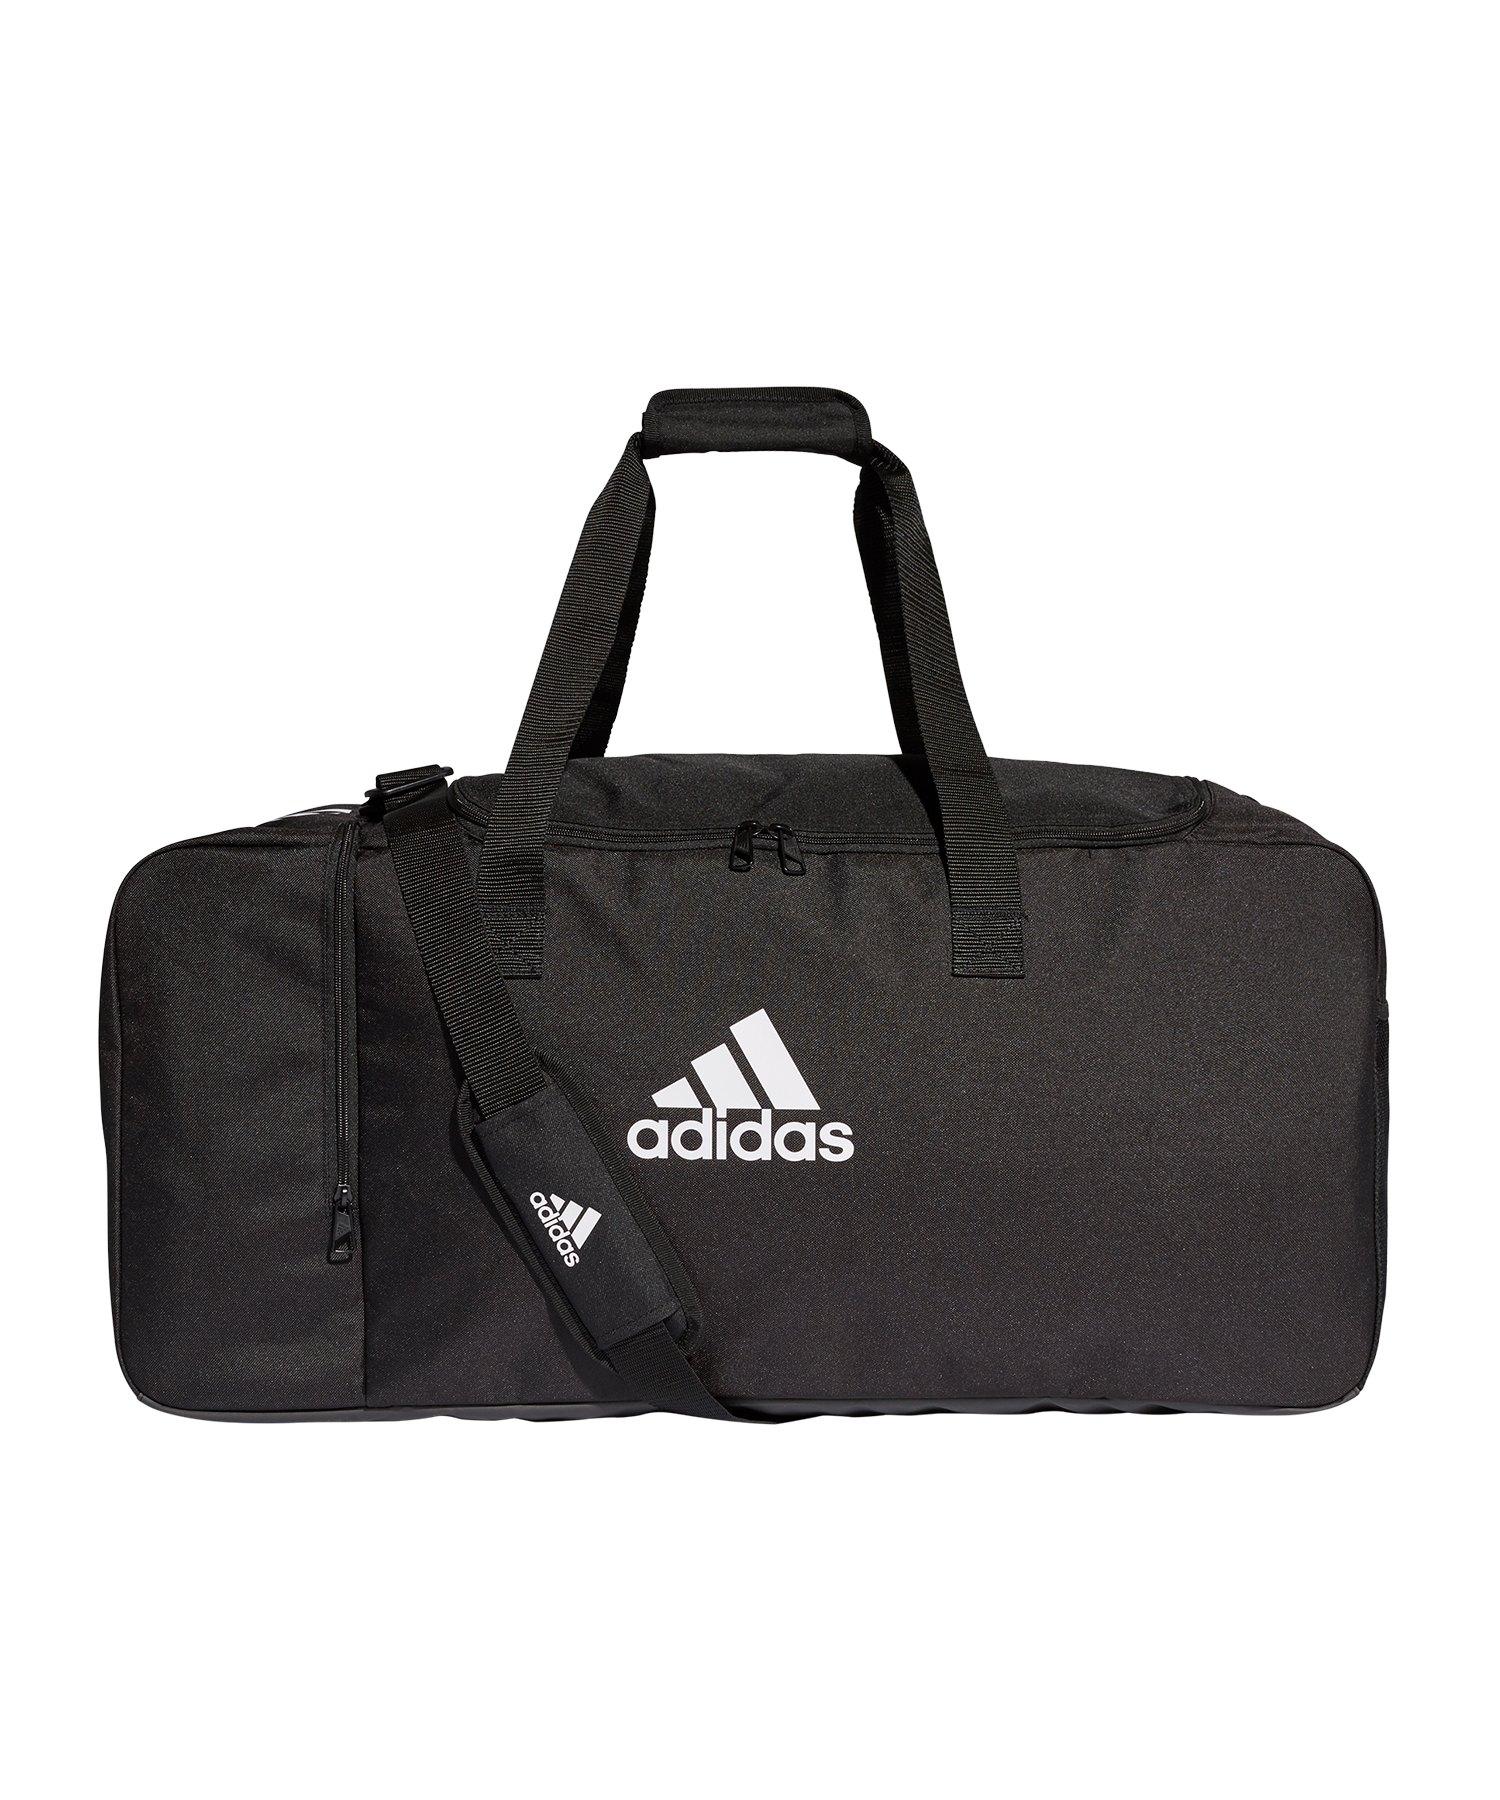 64220fb84298d adidas Tiro Duffel Bag Gr. L Schwarz Weiss - schwarz